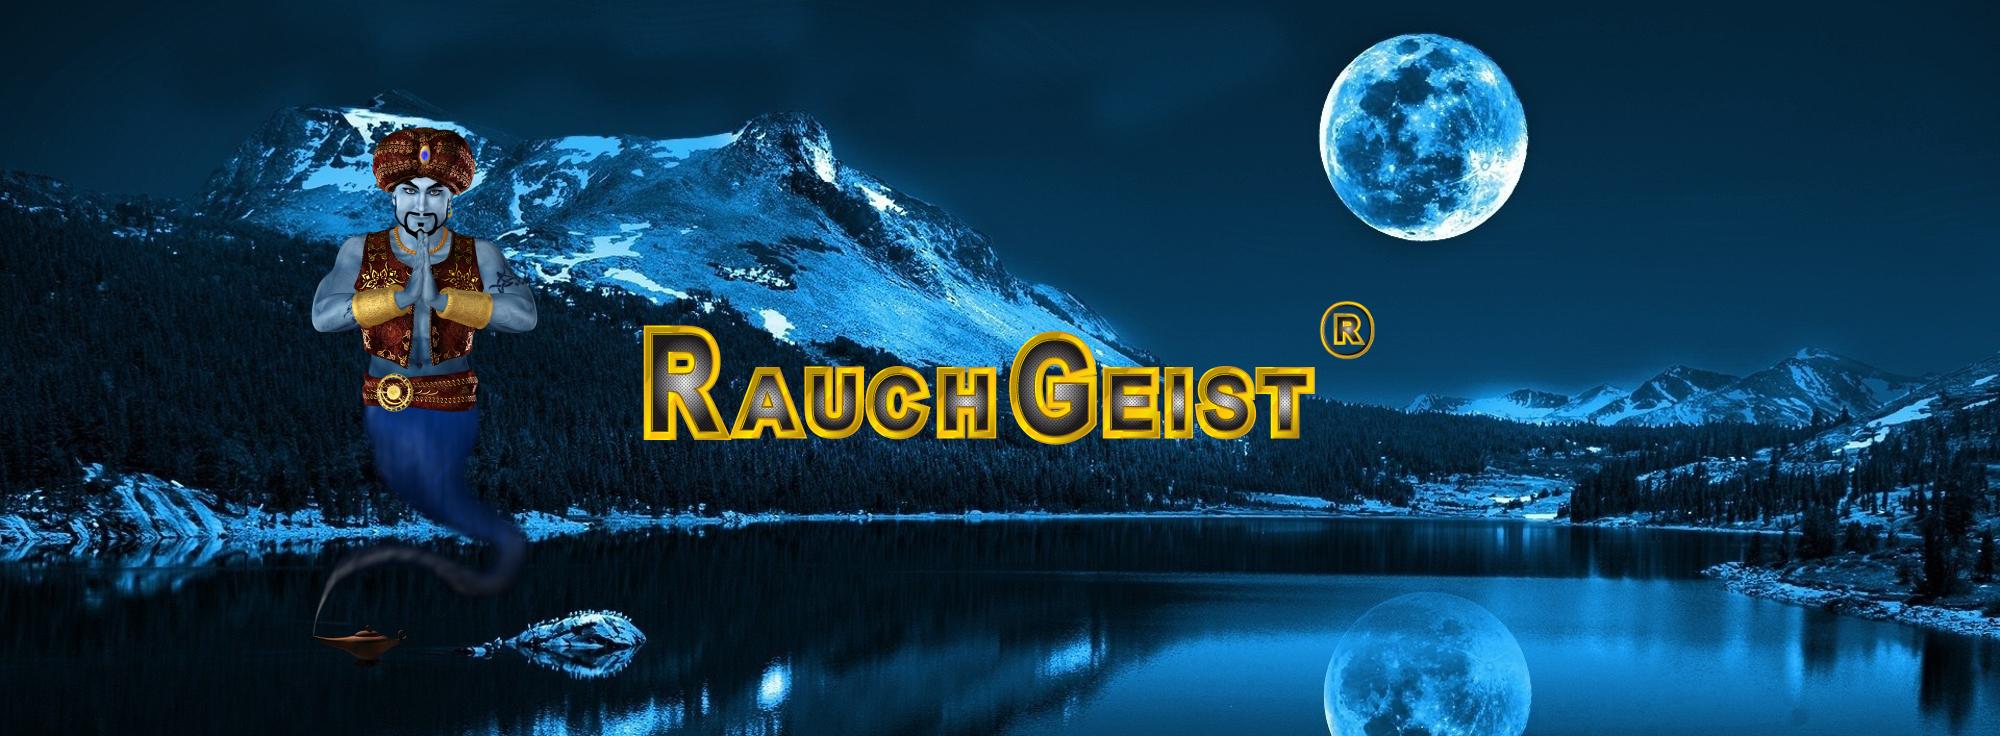 RauchGeist Banner